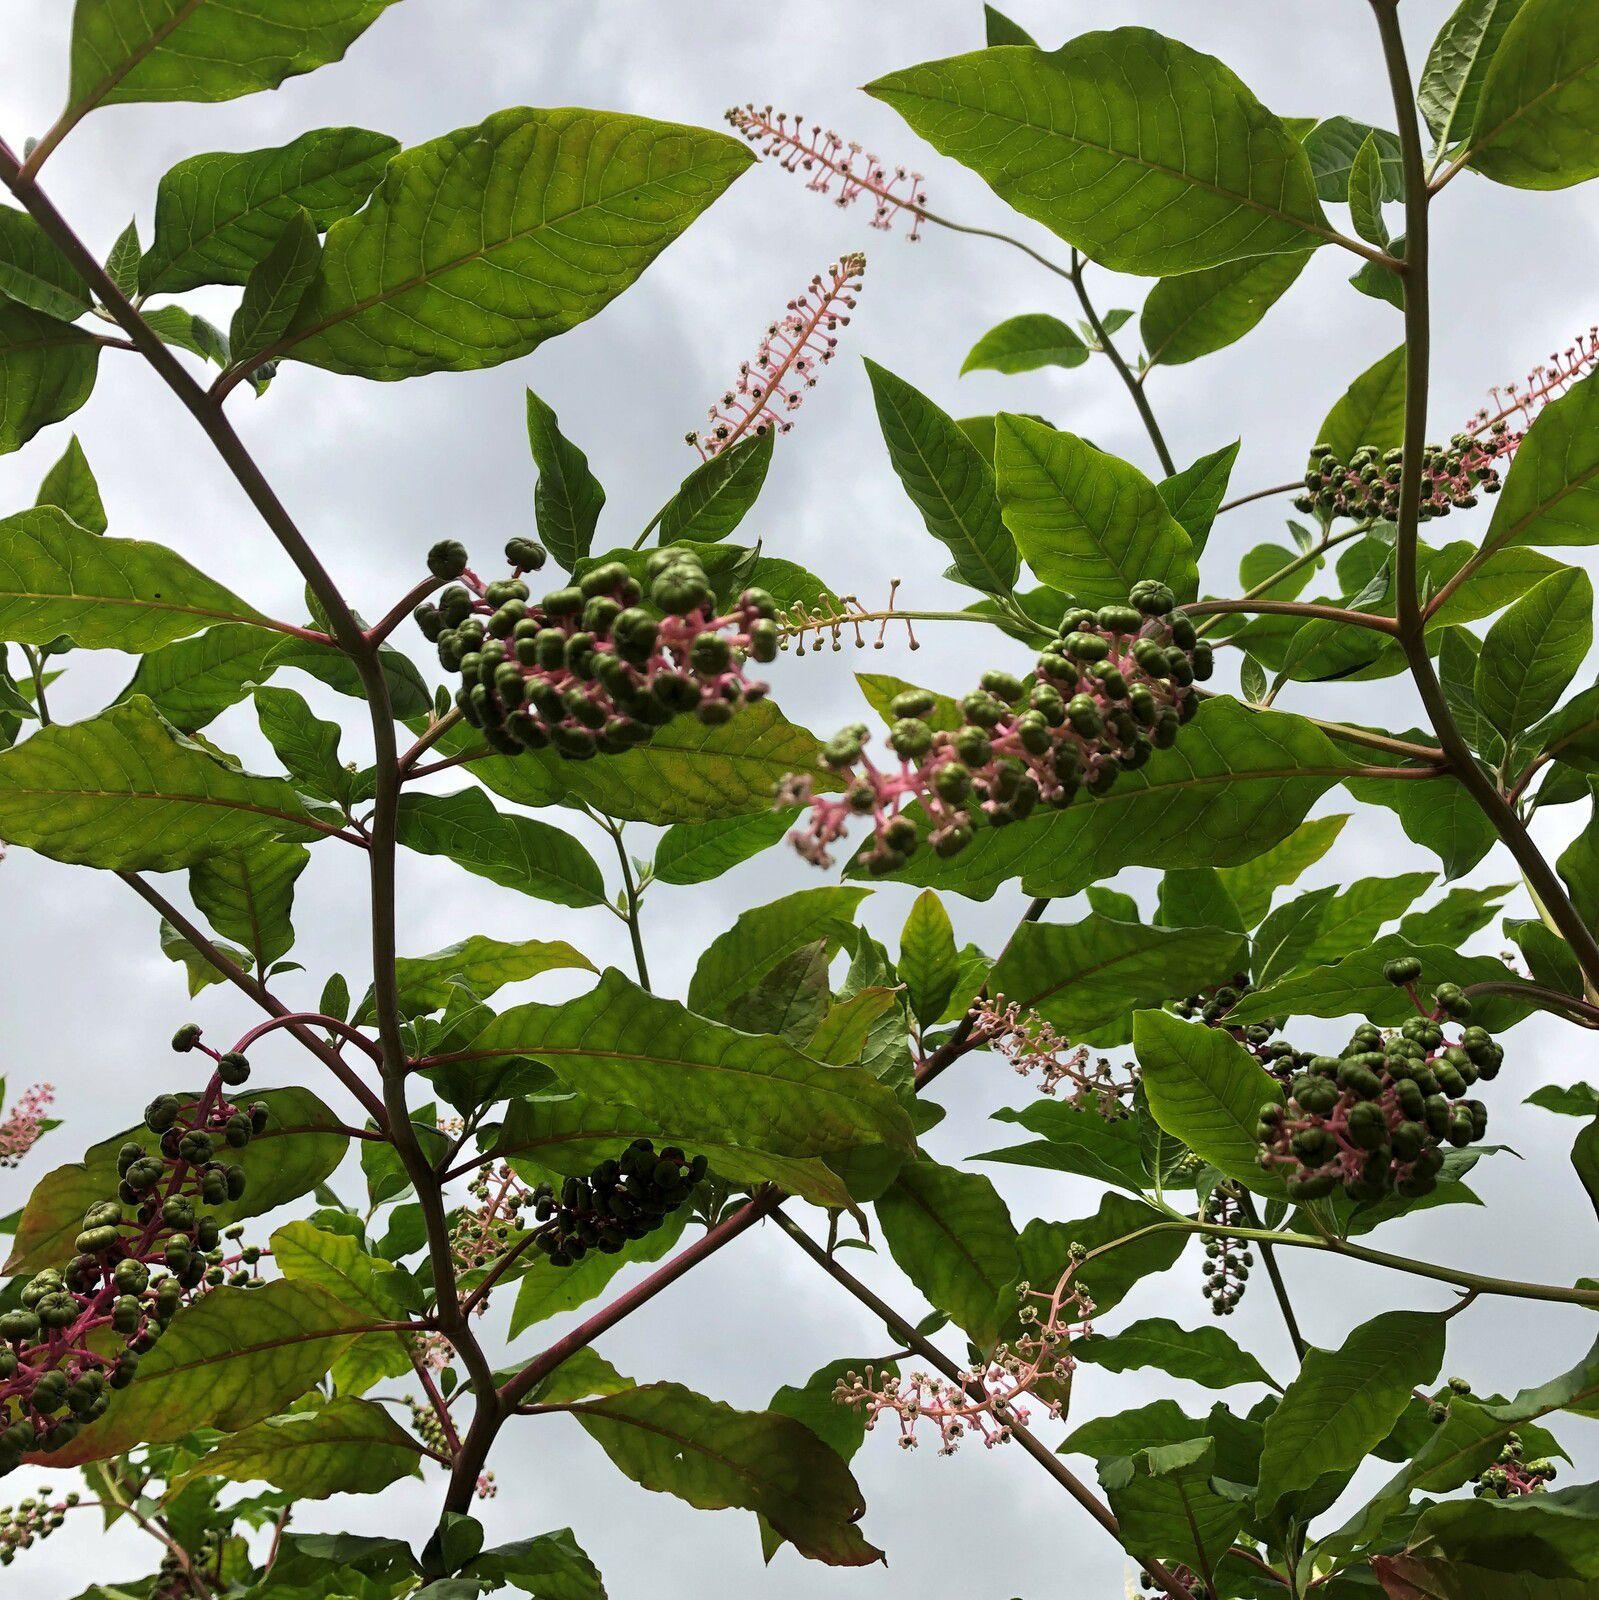 Phytolacca americana teinturier plante à encre rouge phytolaque raisin d'Amérique